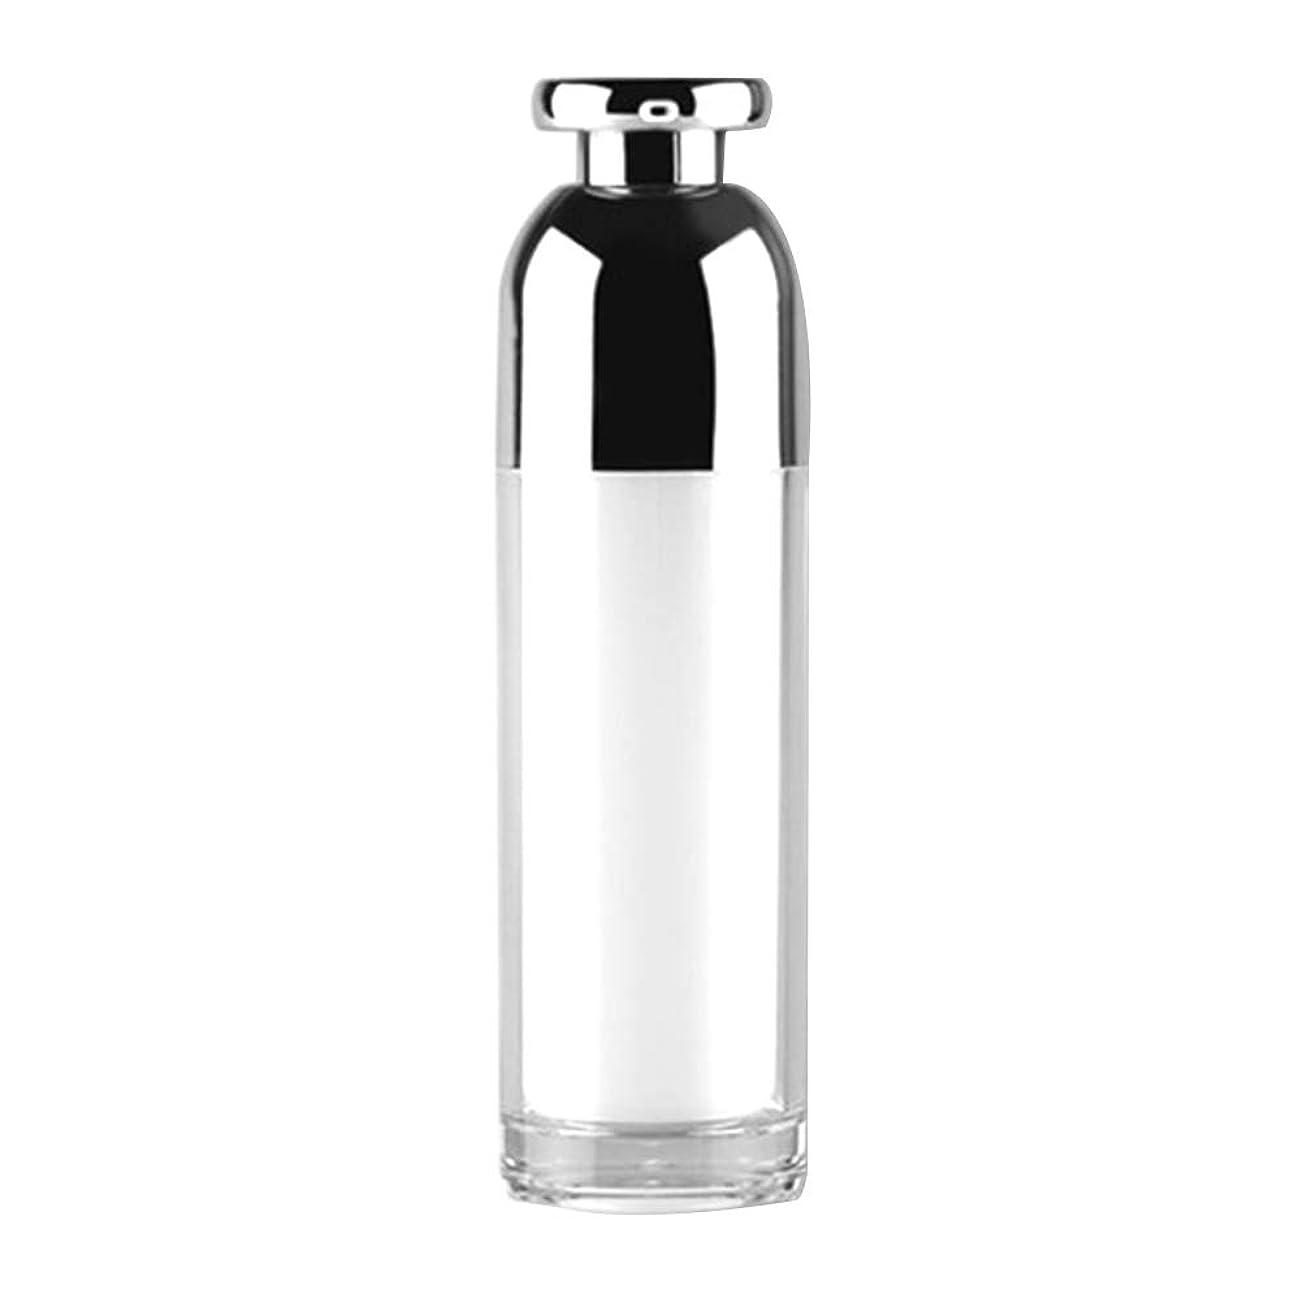 白鳥裁量信じるVi.yo 小分けボトル トラベルボトル 押し式詰替用ボトル ポンプ頭 携帯用 旅行 出張用 30ml